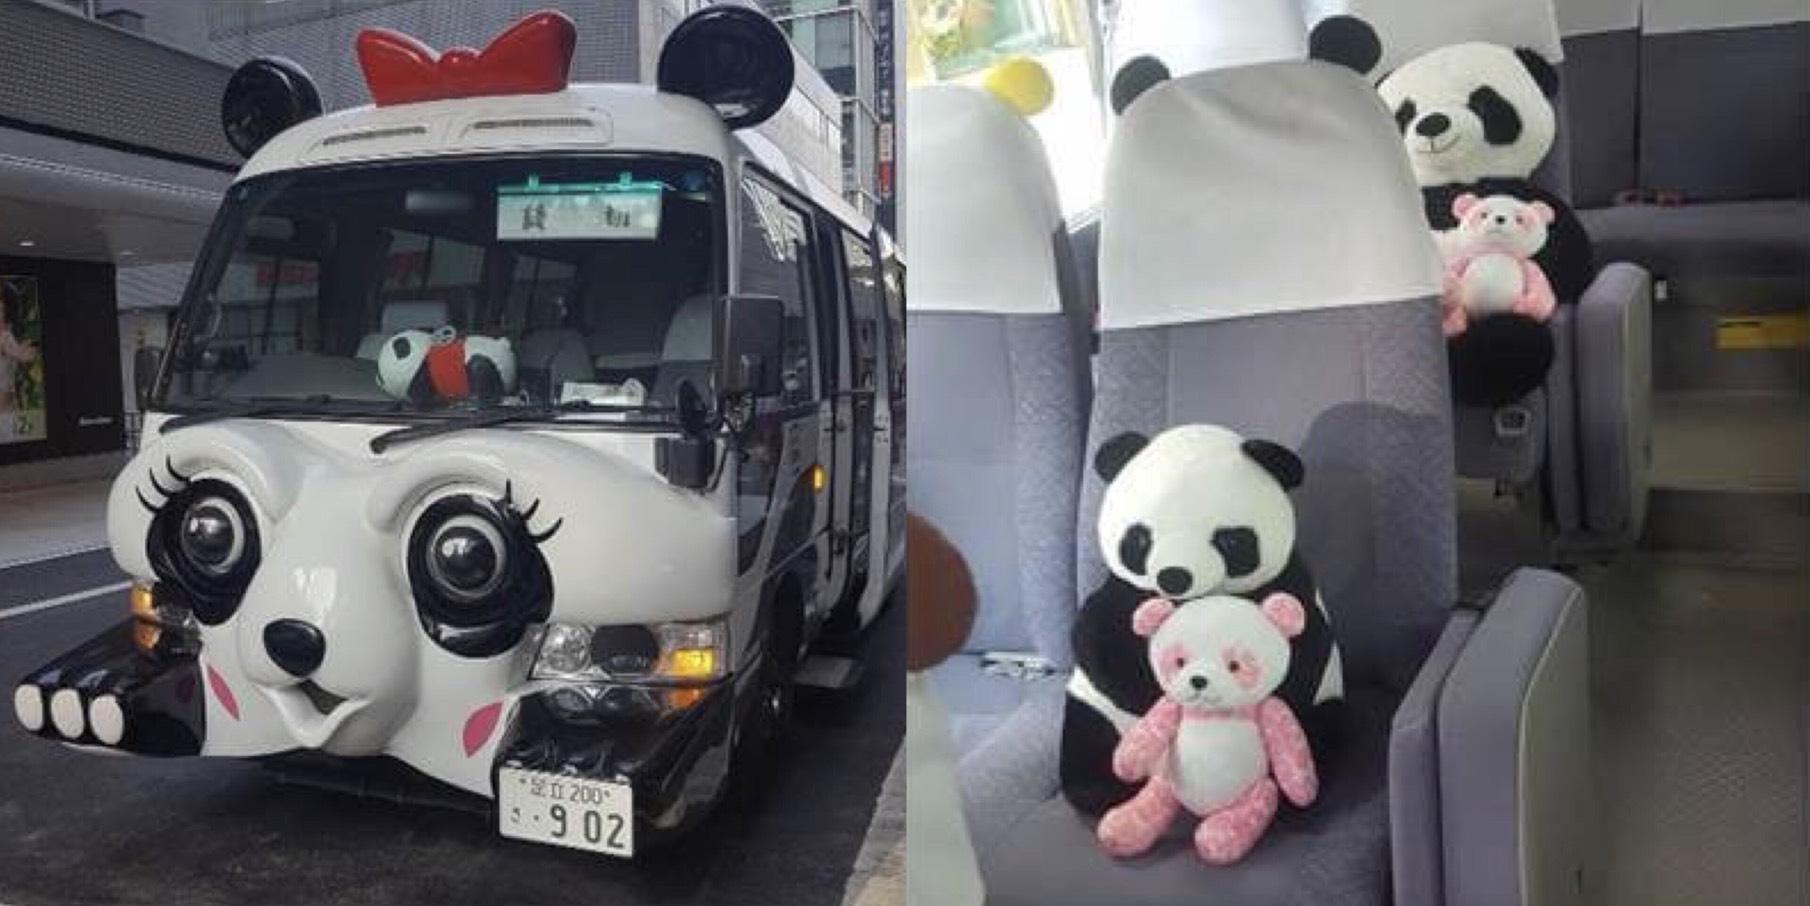 因貓熊香香而備受矚目的貓熊城市・上野 「貓熊巴士」開跑 在上野、貓熊、香香、